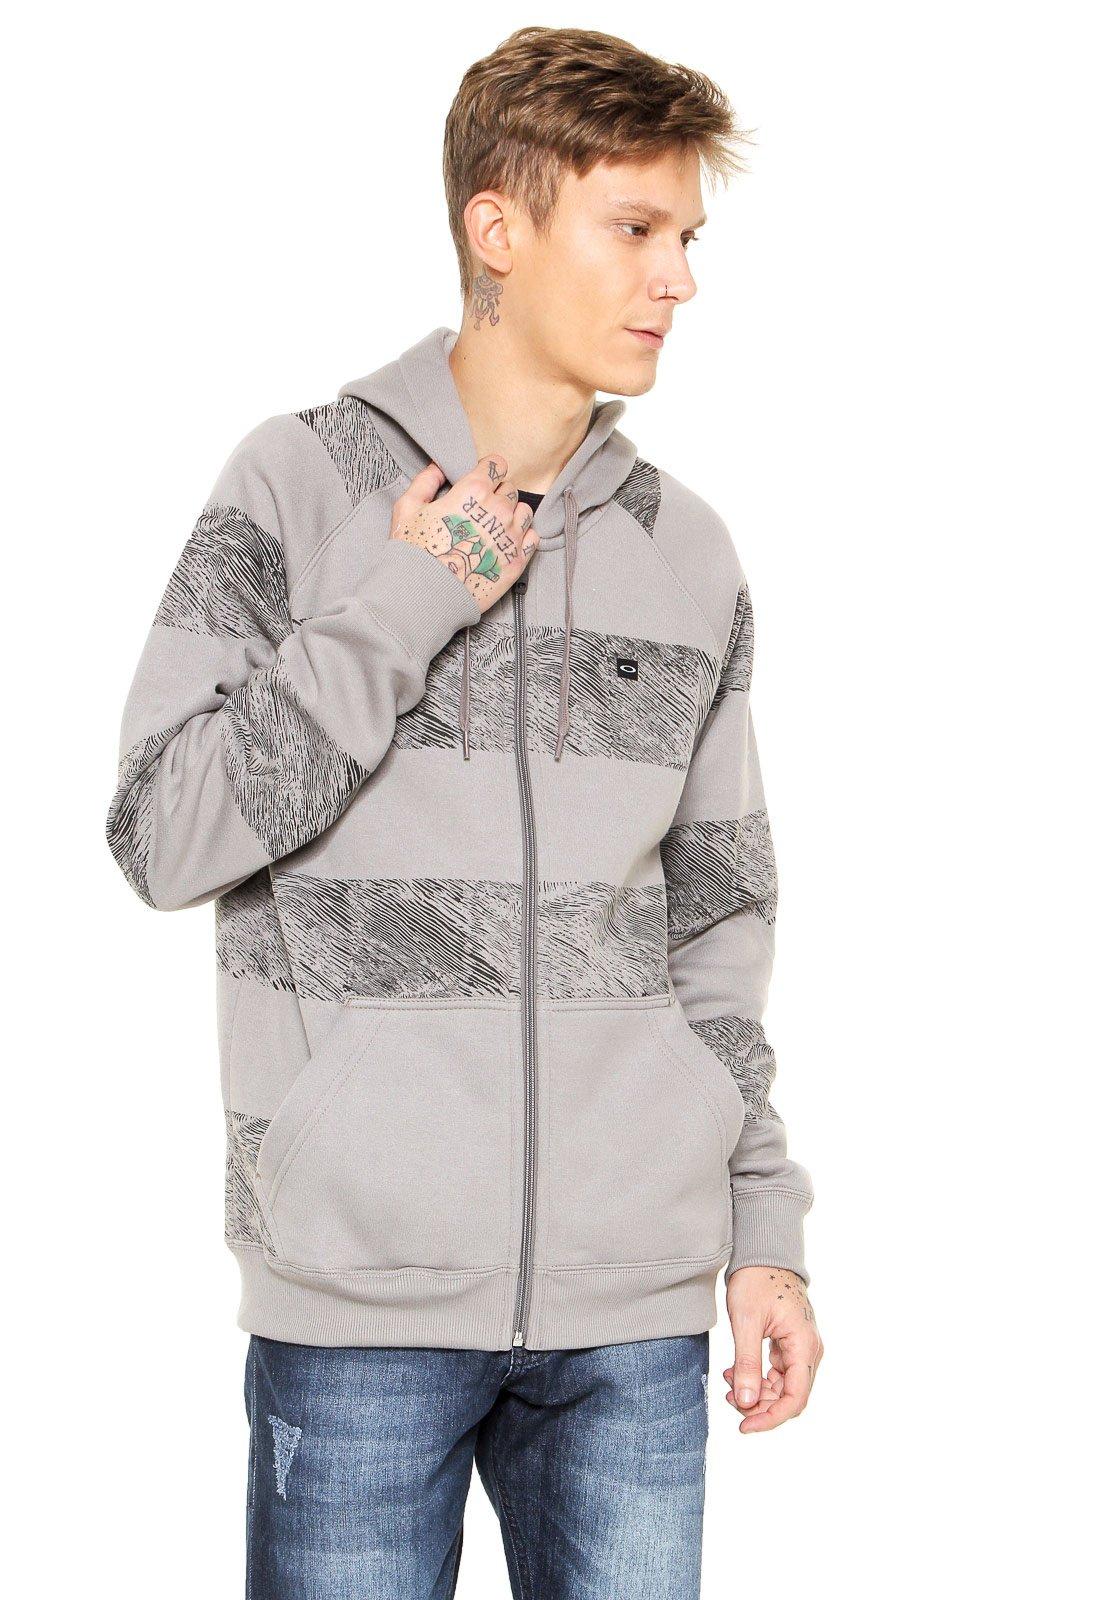 Moletom Aberto Oakley Ocean Stripe Fleece Cinza - Compre Agora ... 36fabf1a55e